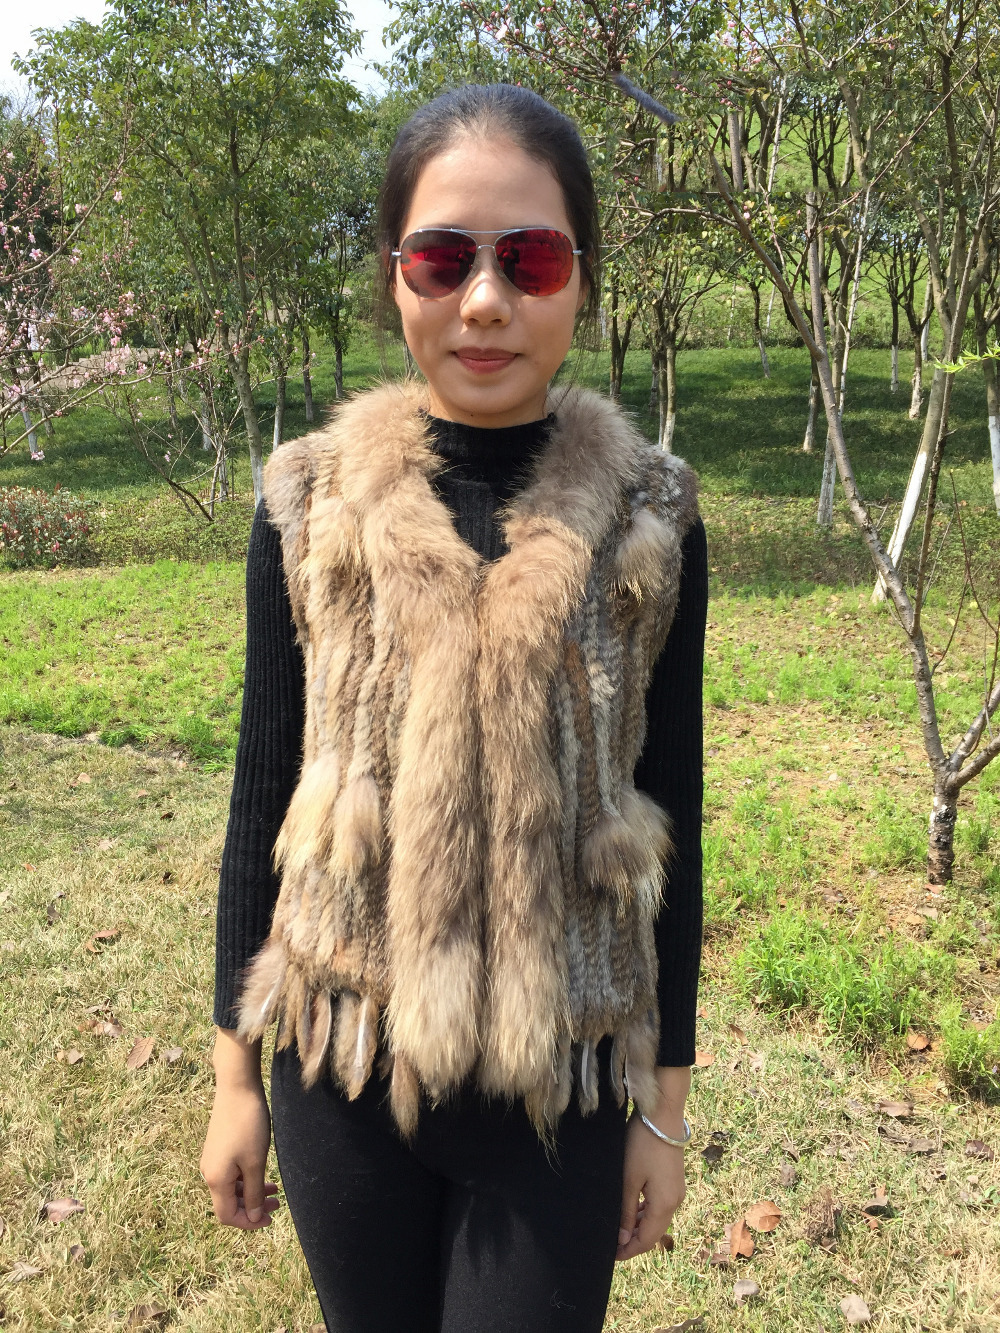 Echt Kaninchen Pelz Weste Gilets Crochet Pelz Strickjacke Westen Plus Größe Weiß Natur Braun Sleeveless Waschbär Kragen Fransen Plus Größe